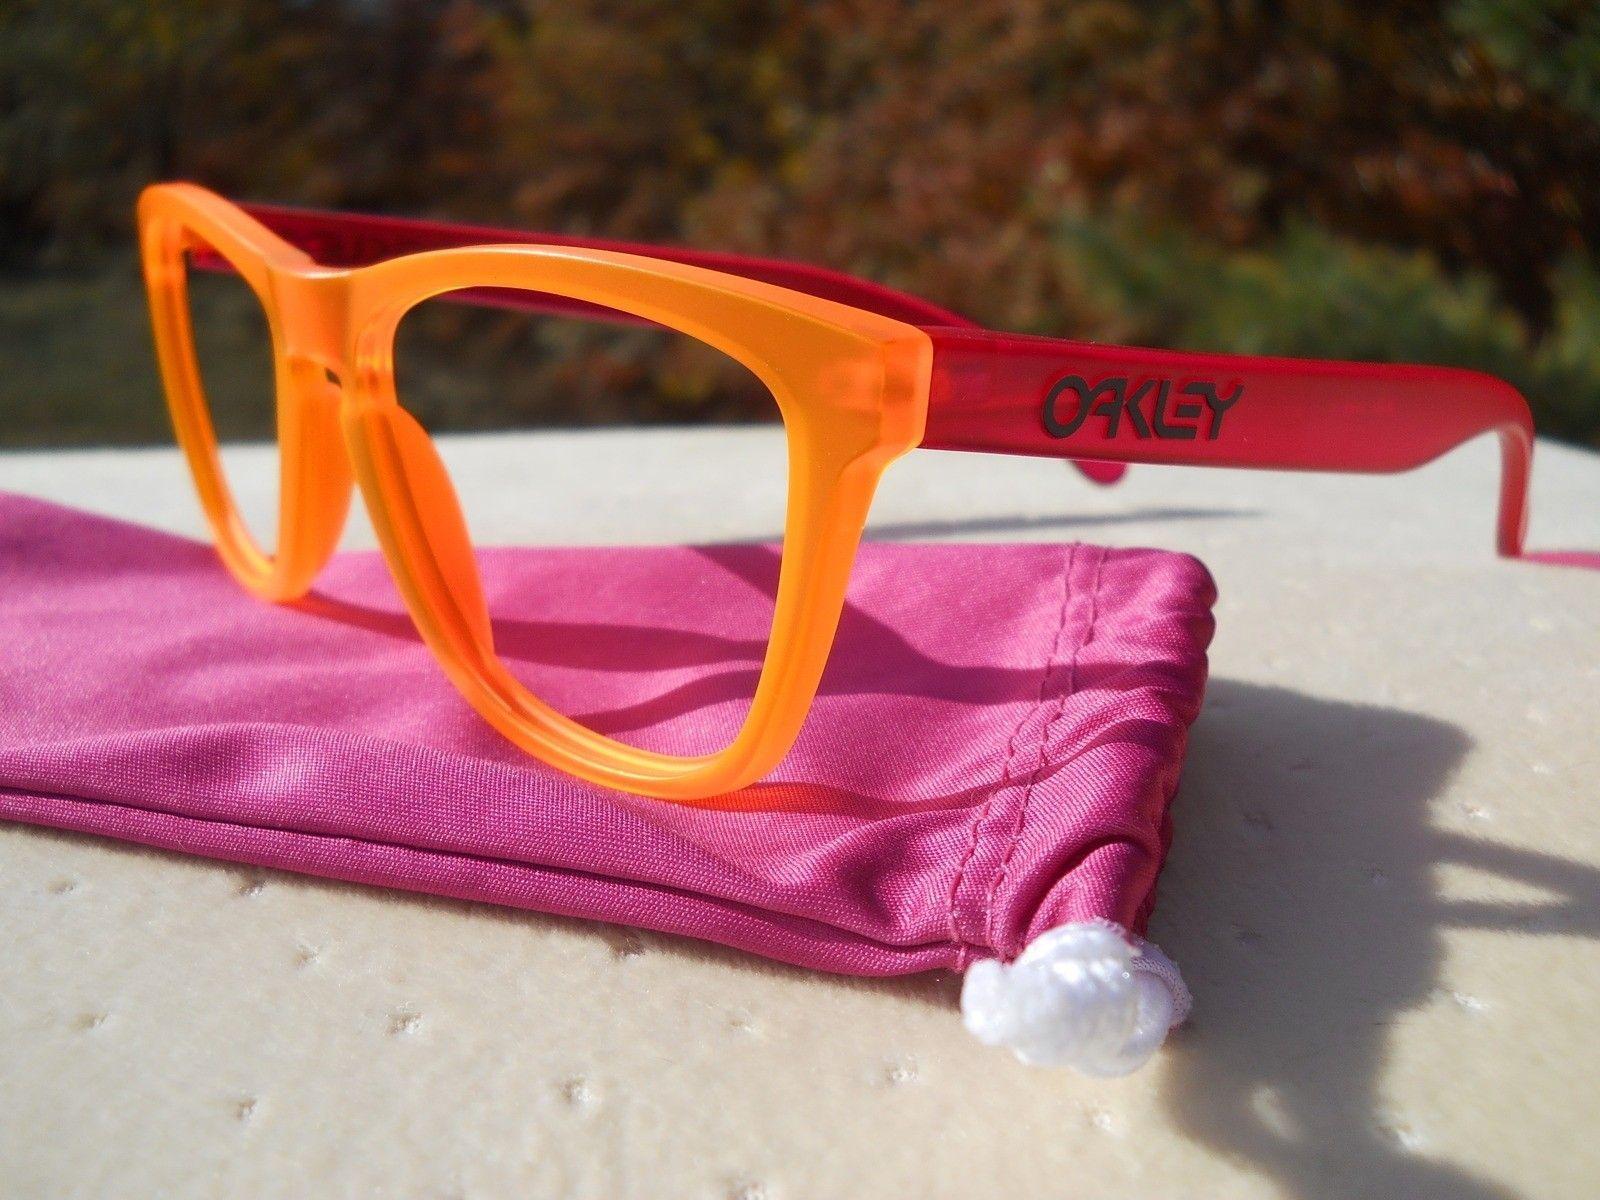 Blacklight Orange/Pink Frogskins - Frame And Bag - dv66.jpg